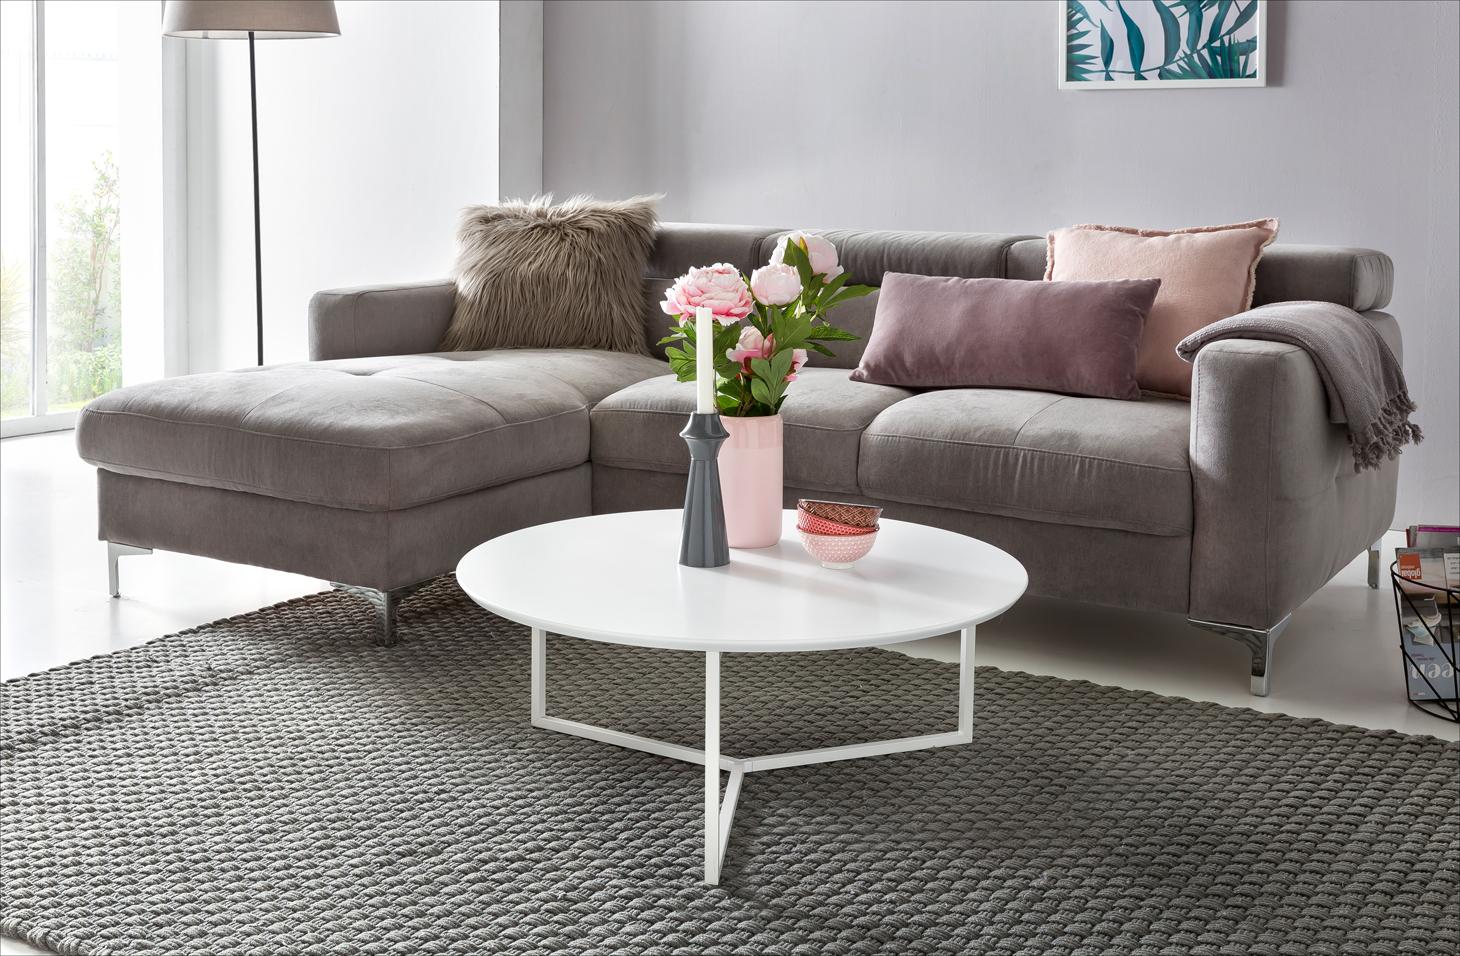 FineBuy Design Couchtisch WHITE 80 Cm Rund Weiß Matt Lackiert | Moderner  Wohnzimmertisch MDF Holz |